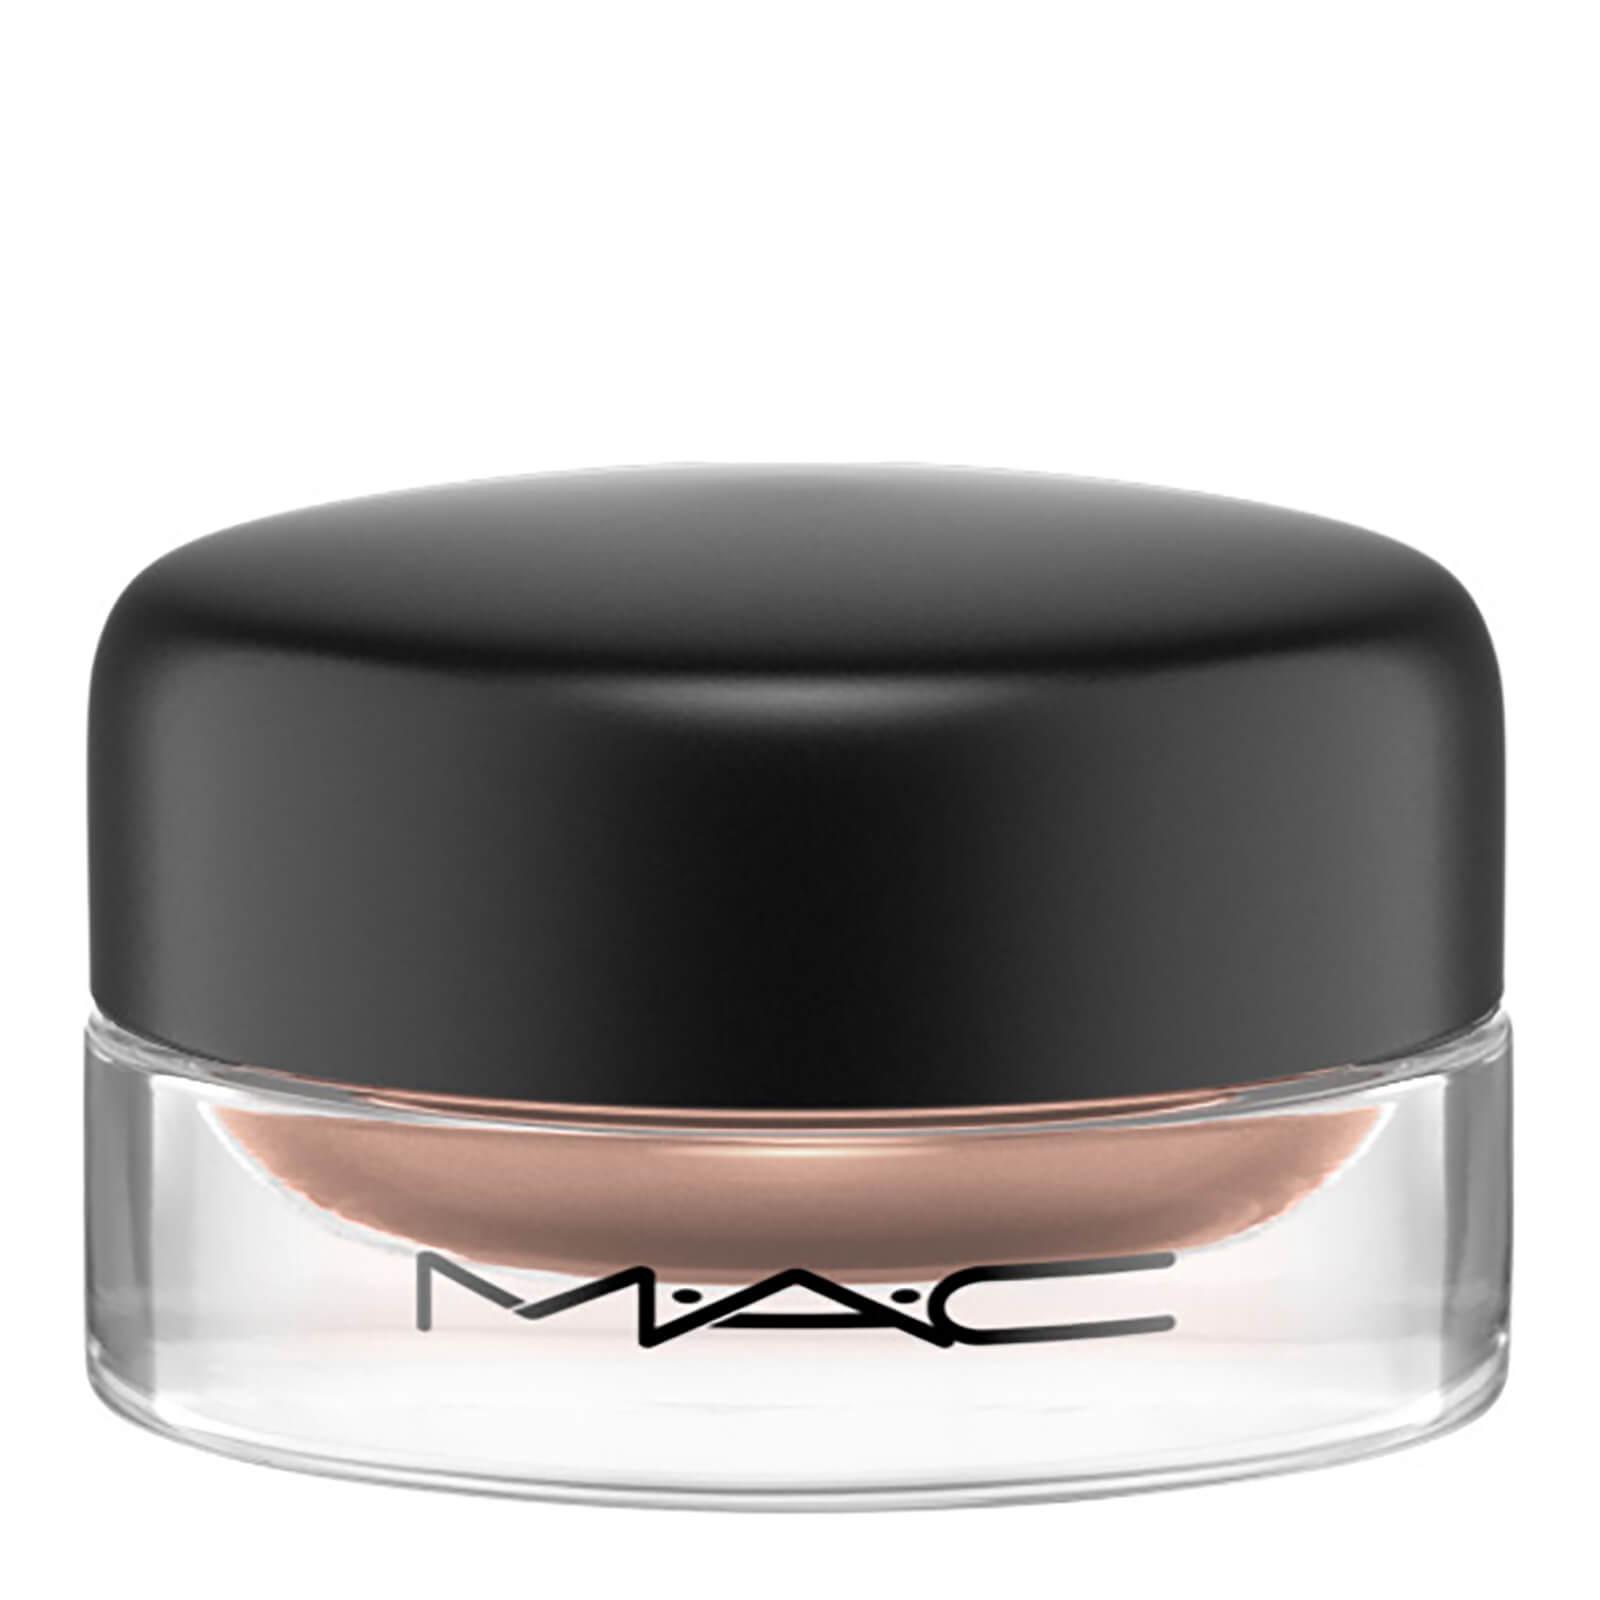 Mac Pro Longwear Paint Pot Eye Shadow Various Shades Free Shipping Lookfantastic